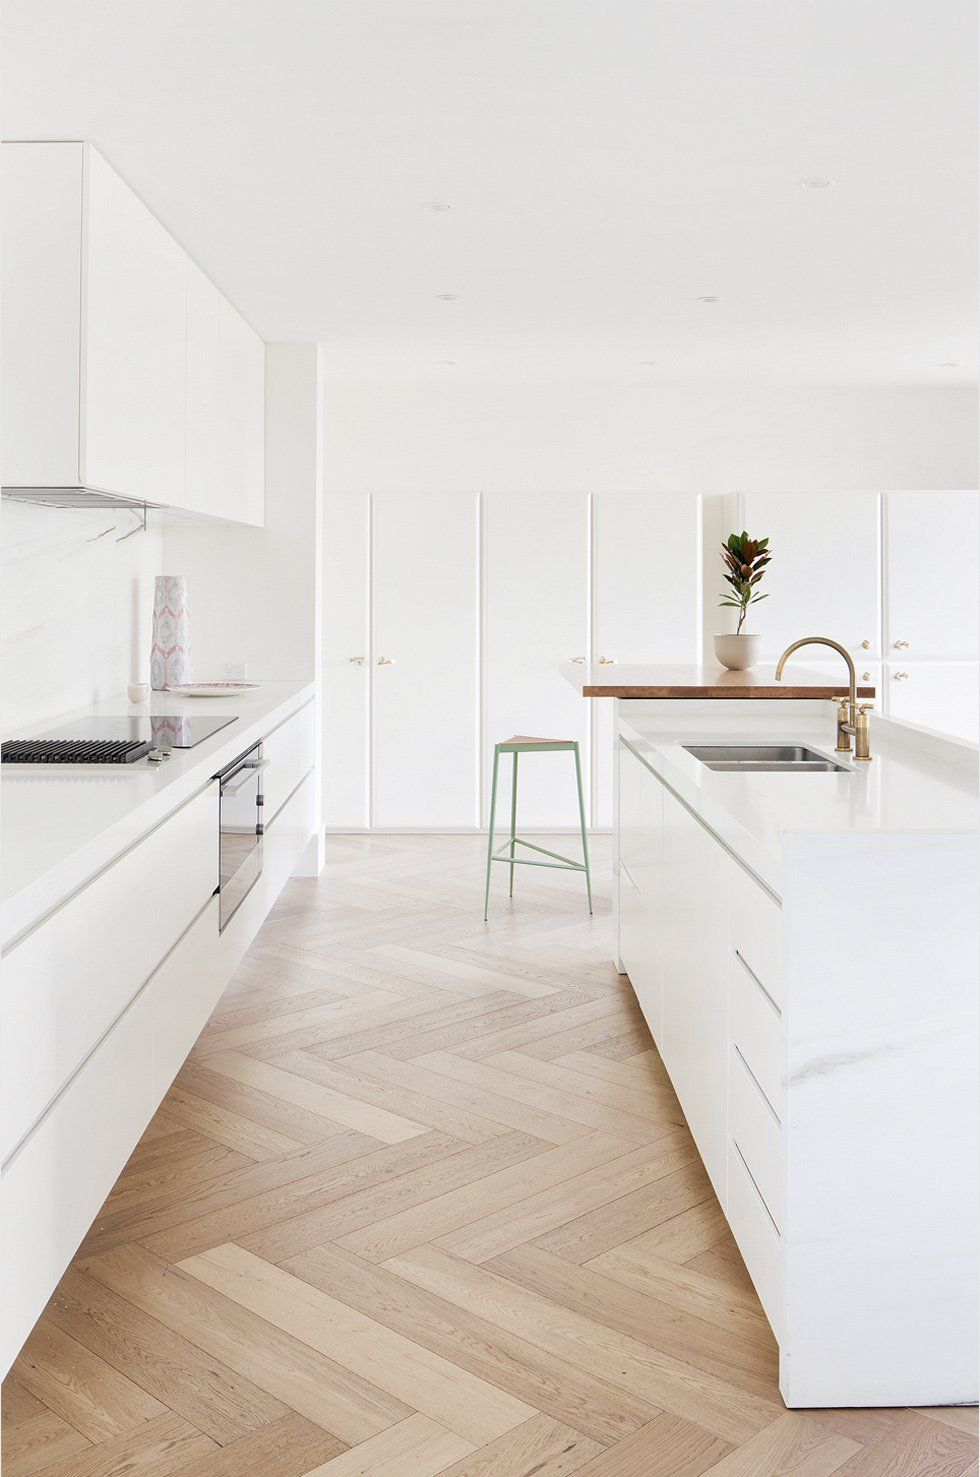 Pavimenti cucina • Guida alla scelta dei migliori materiali | //cook ...